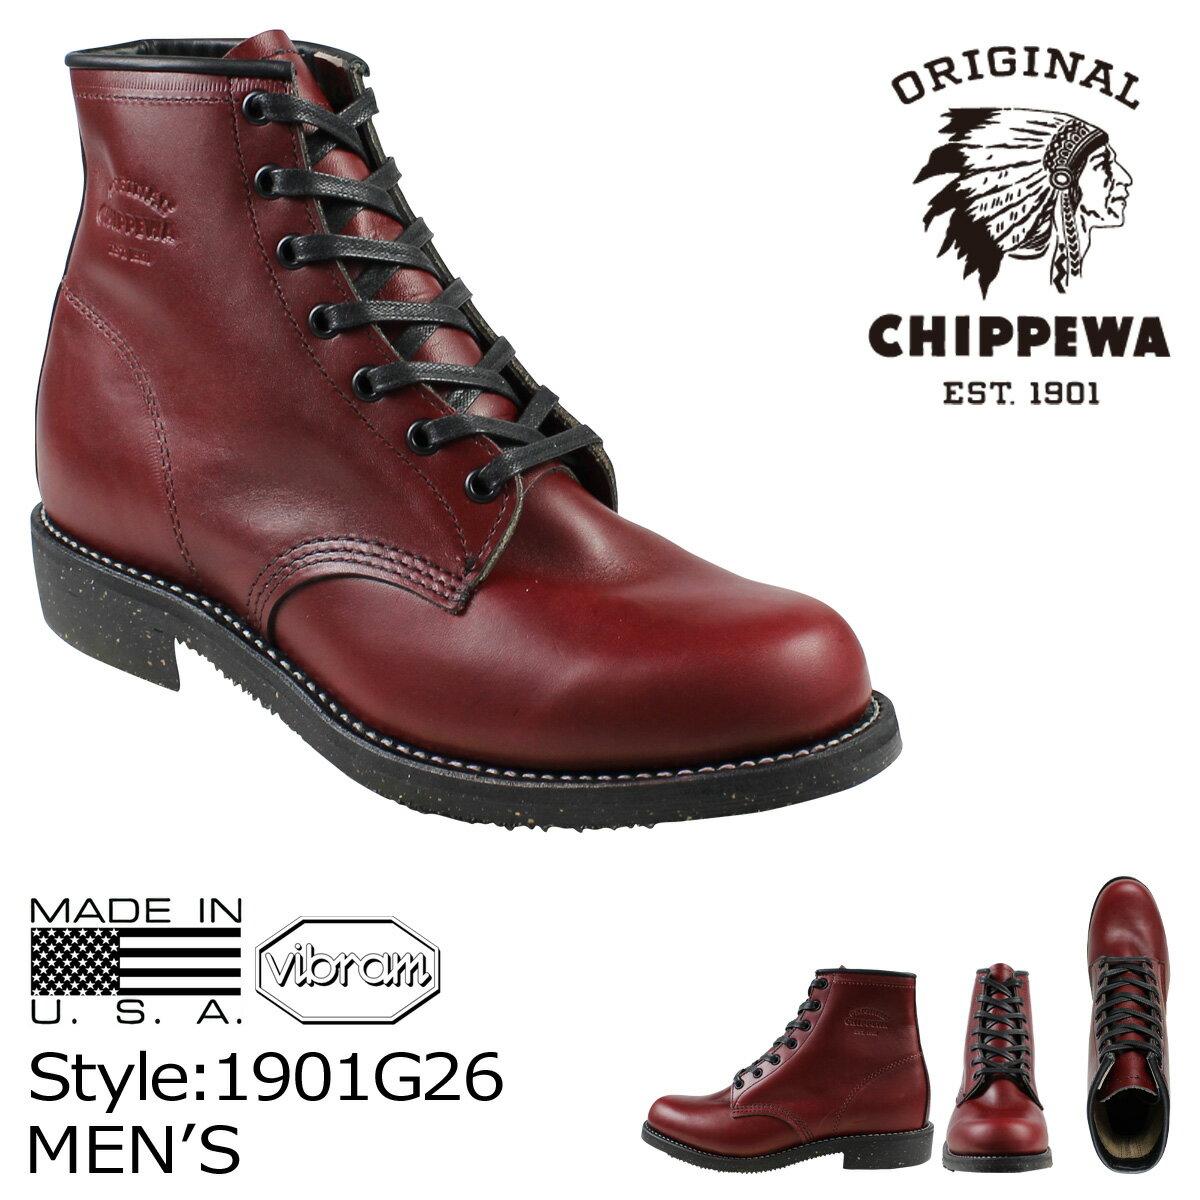 CHIPPEWA ブーツ 6インチ サービス チペワ 6INCH SERVICE BOOT 1901G26 Dワイズ バーガンディー メンズ